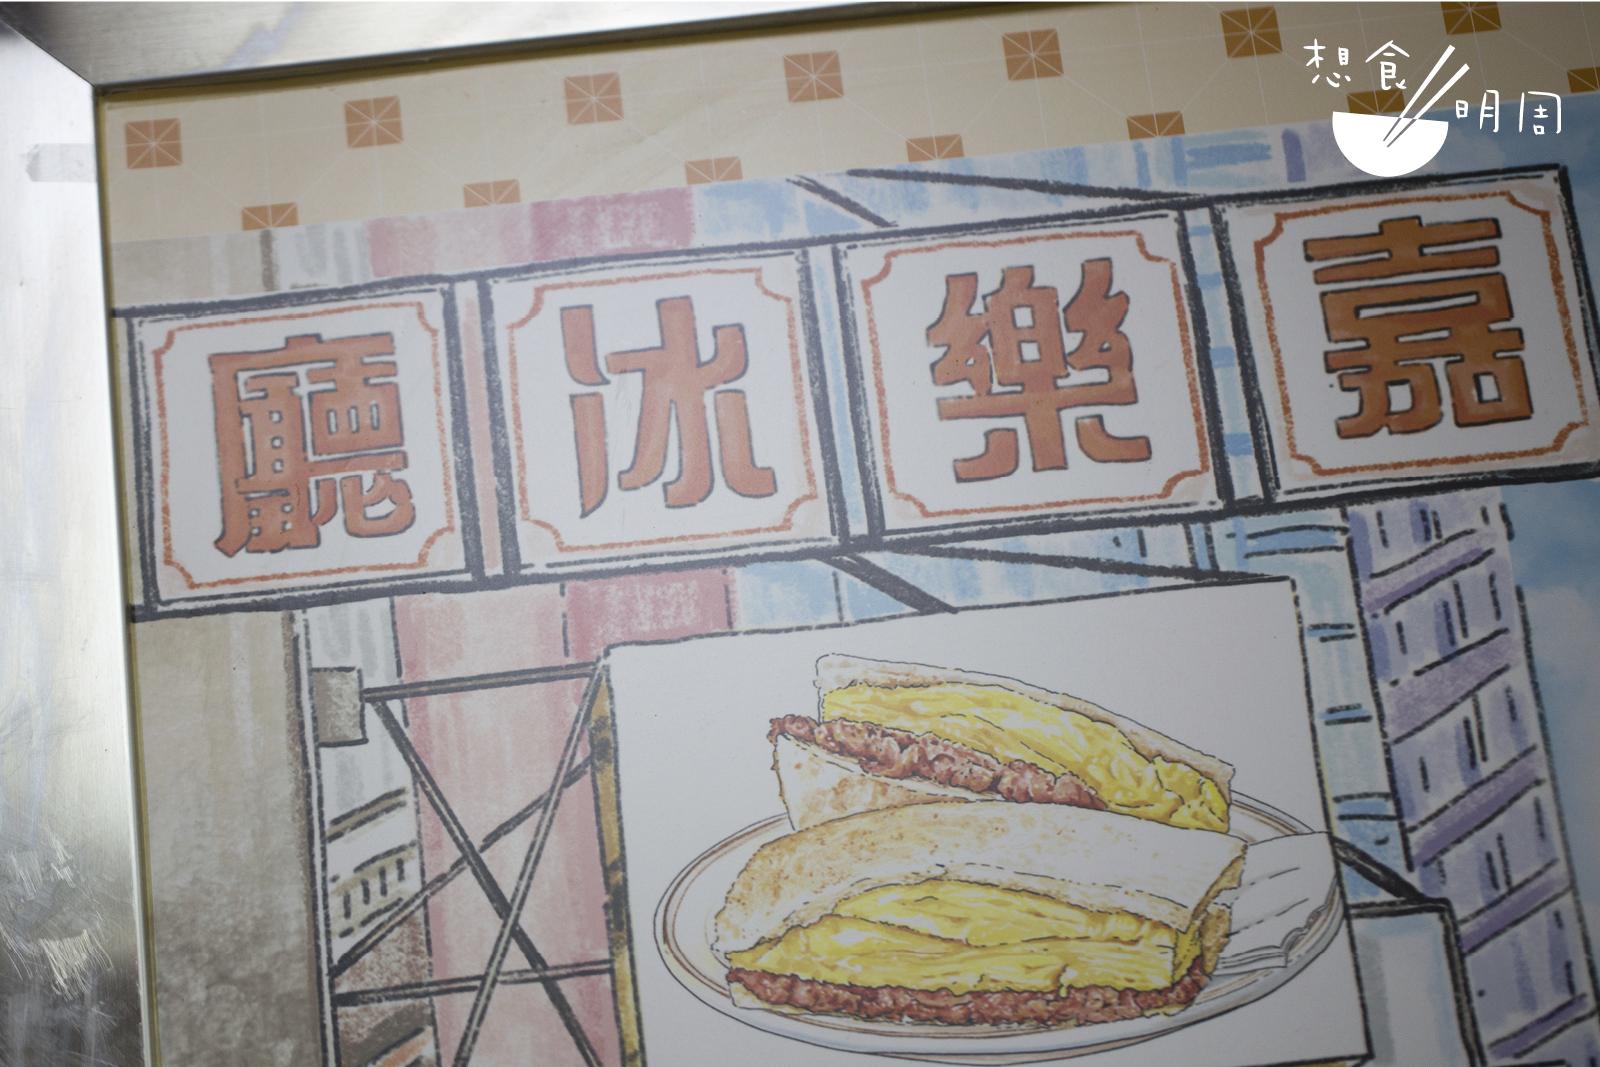 雖說荃灣嘉樂冰室的名物是厚蛋治,但其實店內的奶昔也值得被注意!